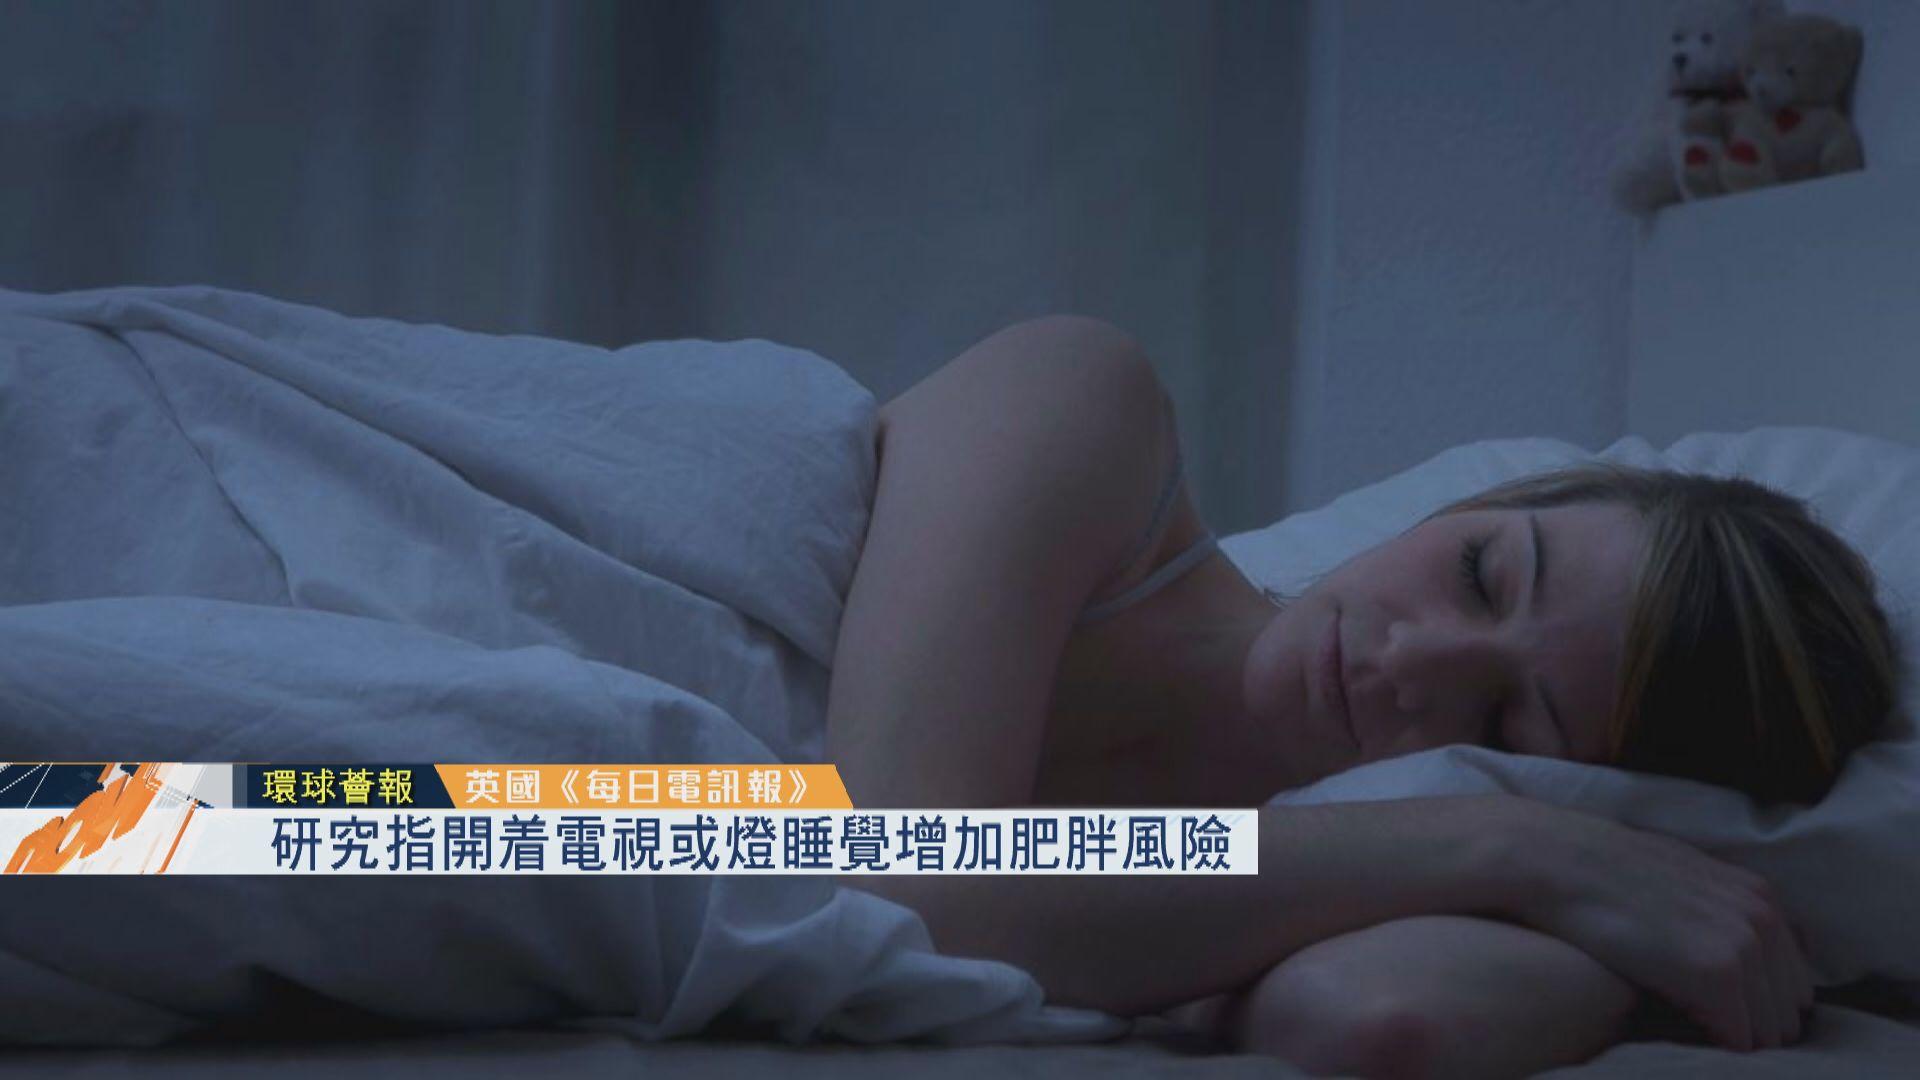 【環球薈報】研究指開着電視或燈睡覺增加肥胖風險